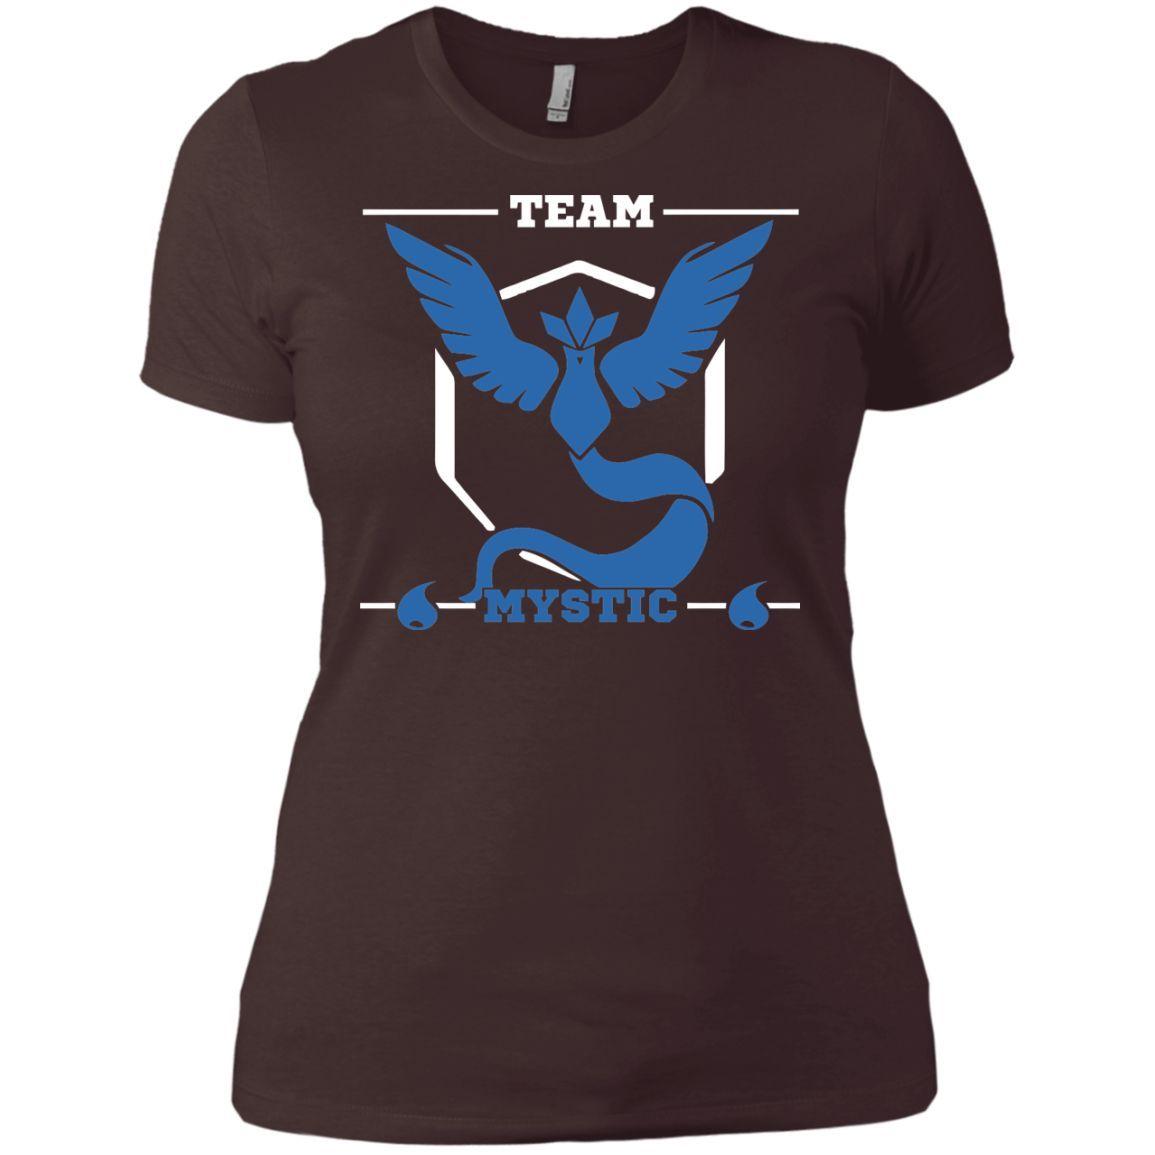 Team mystic2-01 Next Level Ladies' Boyfriend Tee